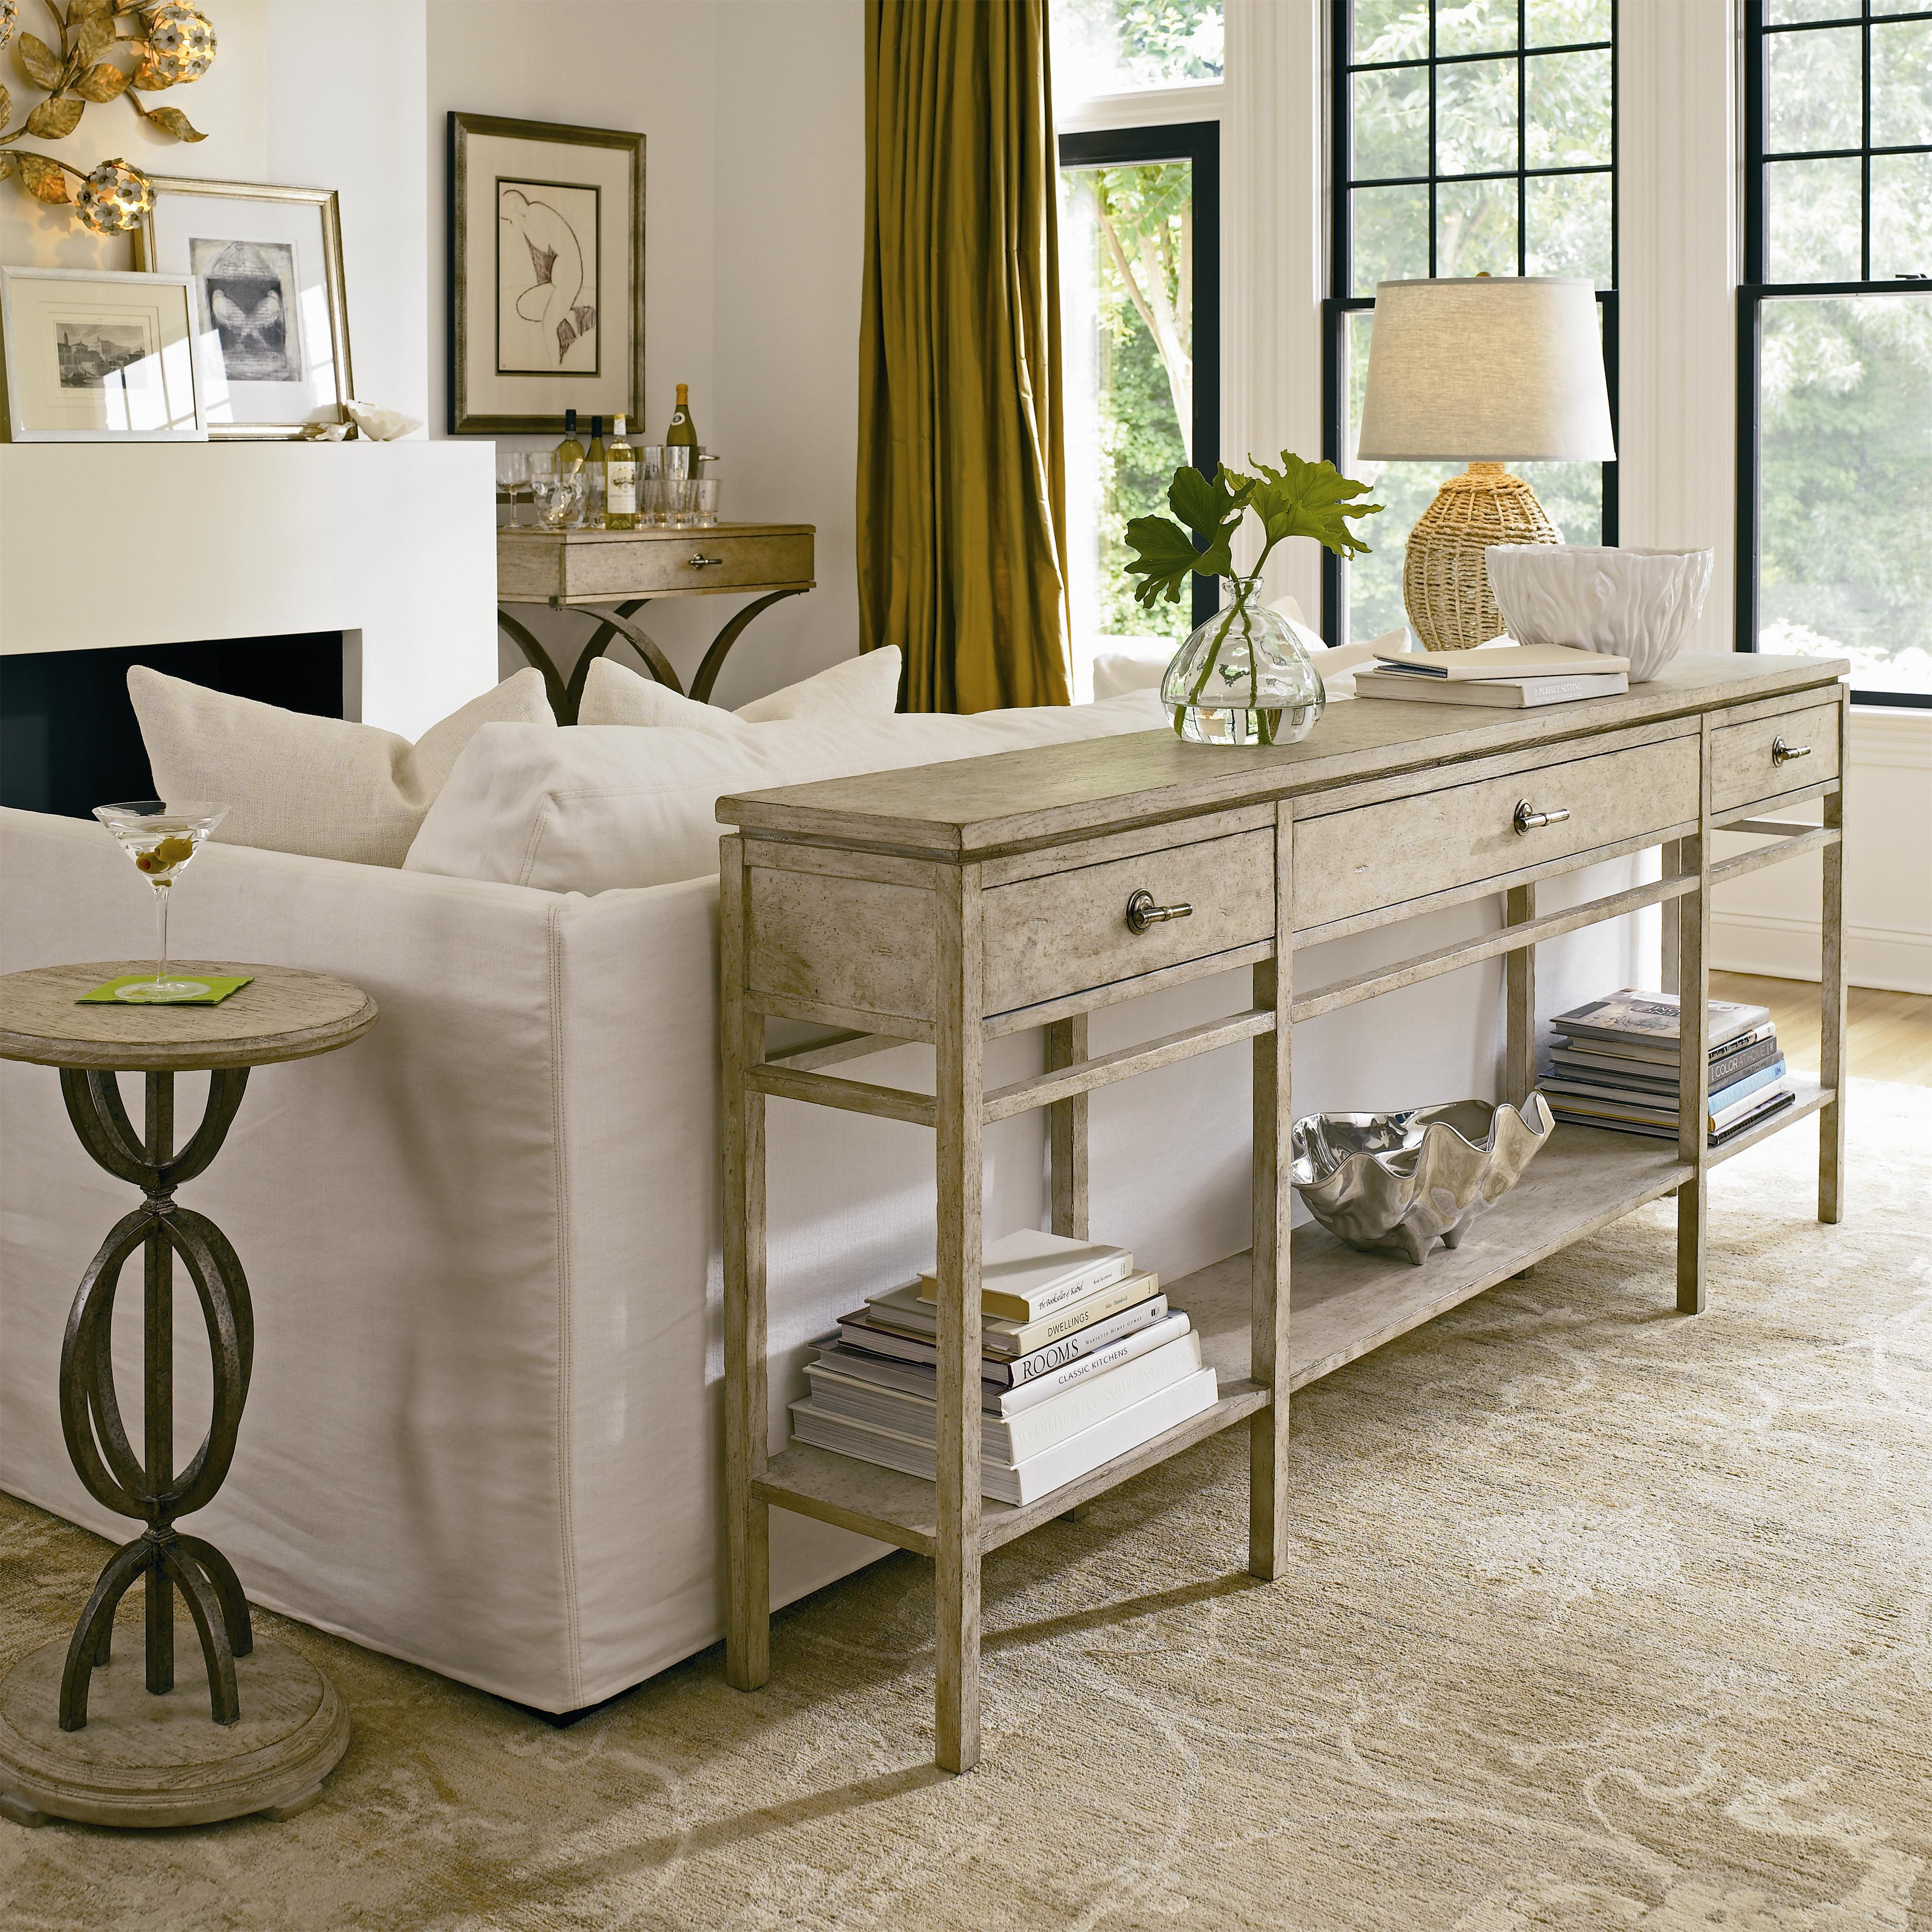 coastal living furniture stanley furniture coastal living resort curl tide flip top table - wayside NANSMPT